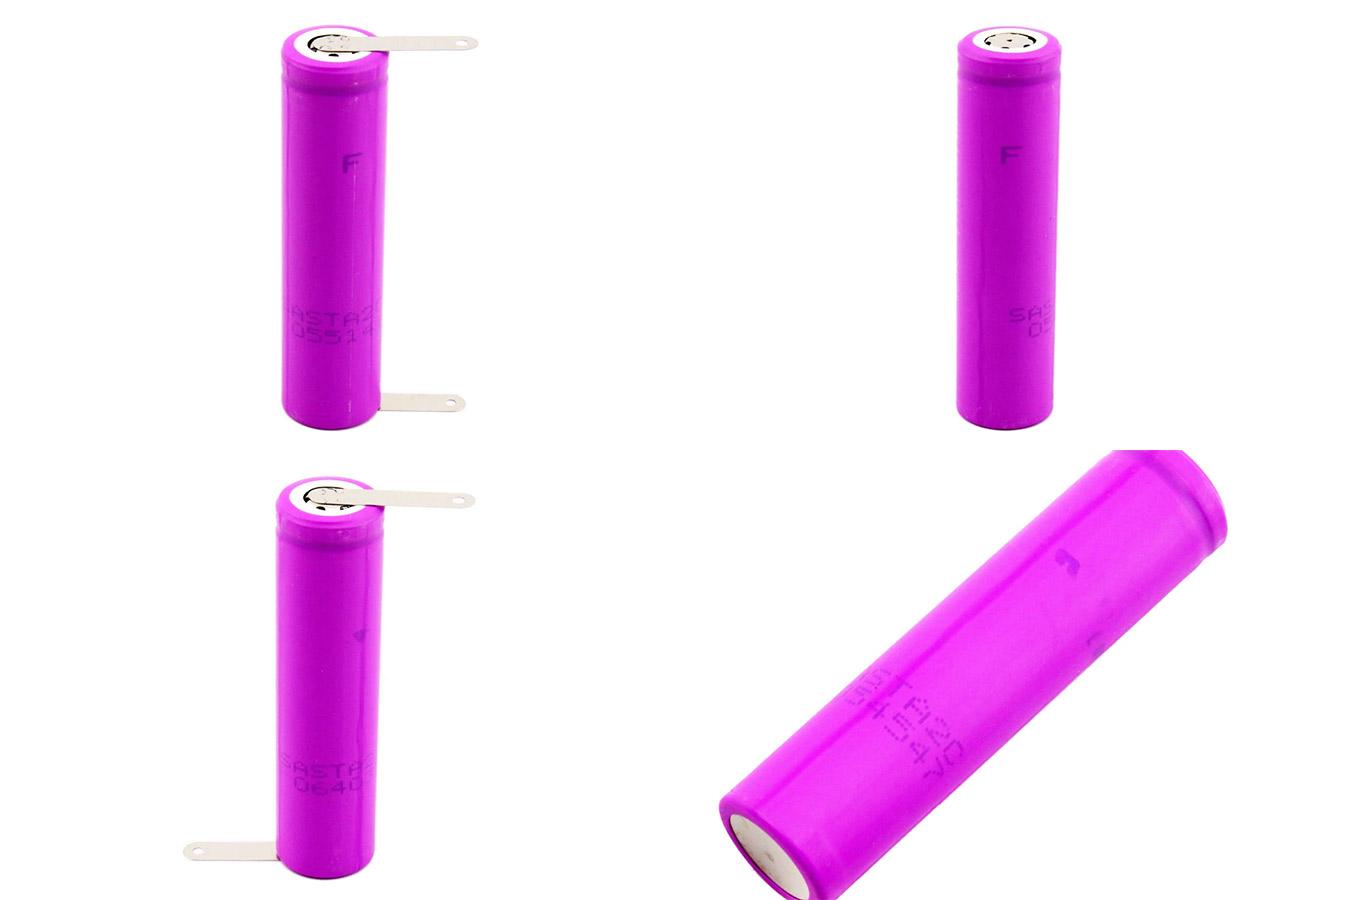 Качественный литий-ионный аккумулятор